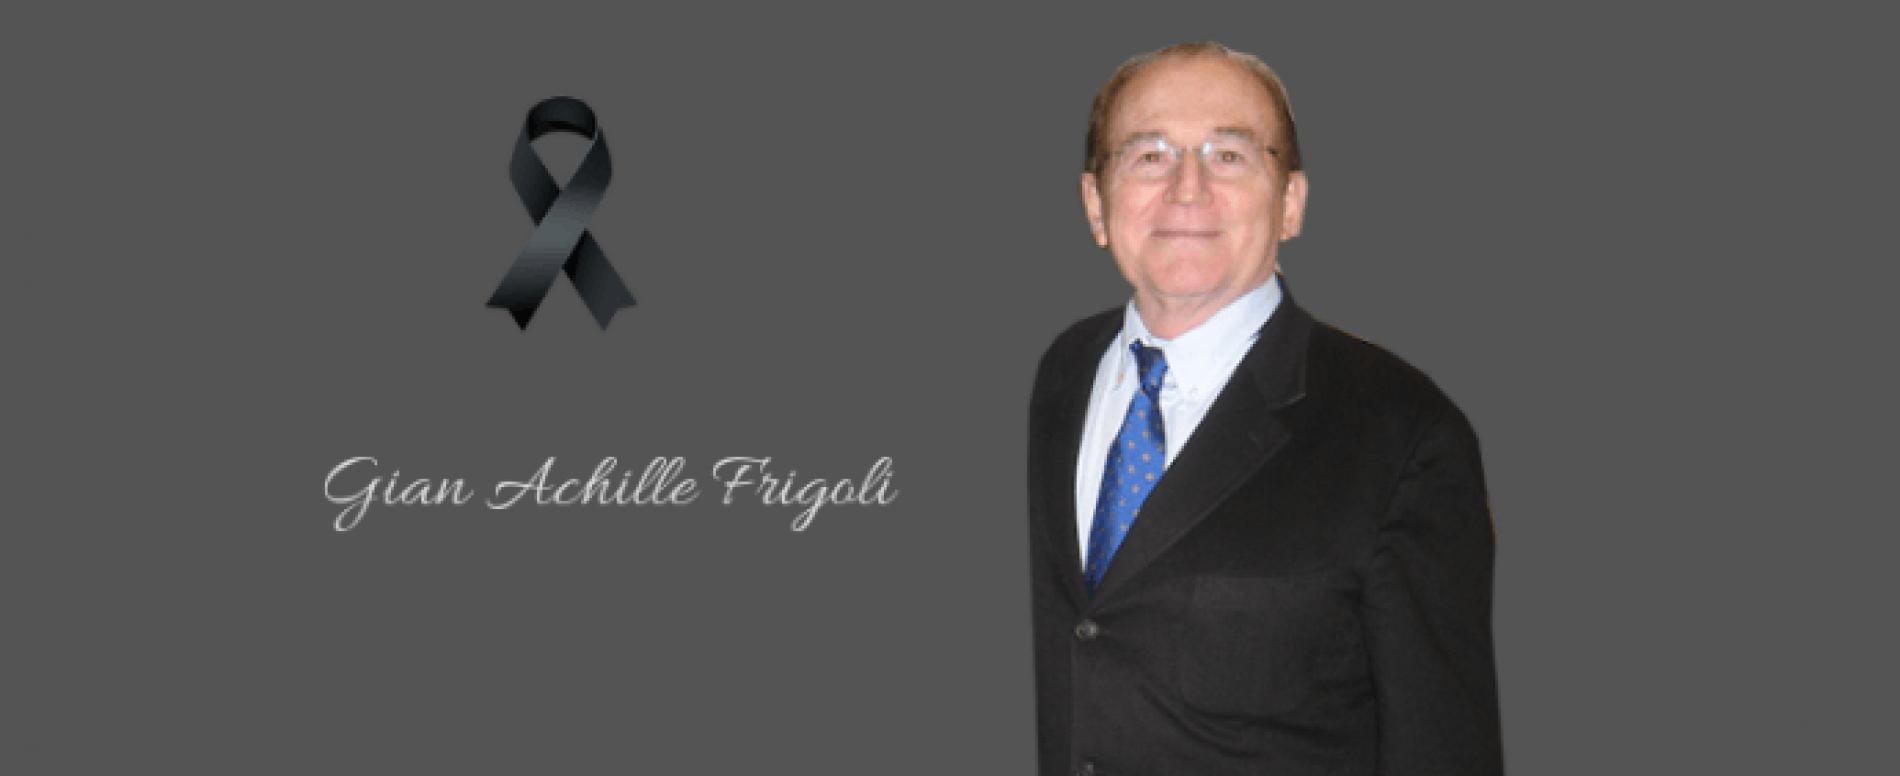 Lutto nel Vending: è venuto a mancare Gian Achille Frigoli